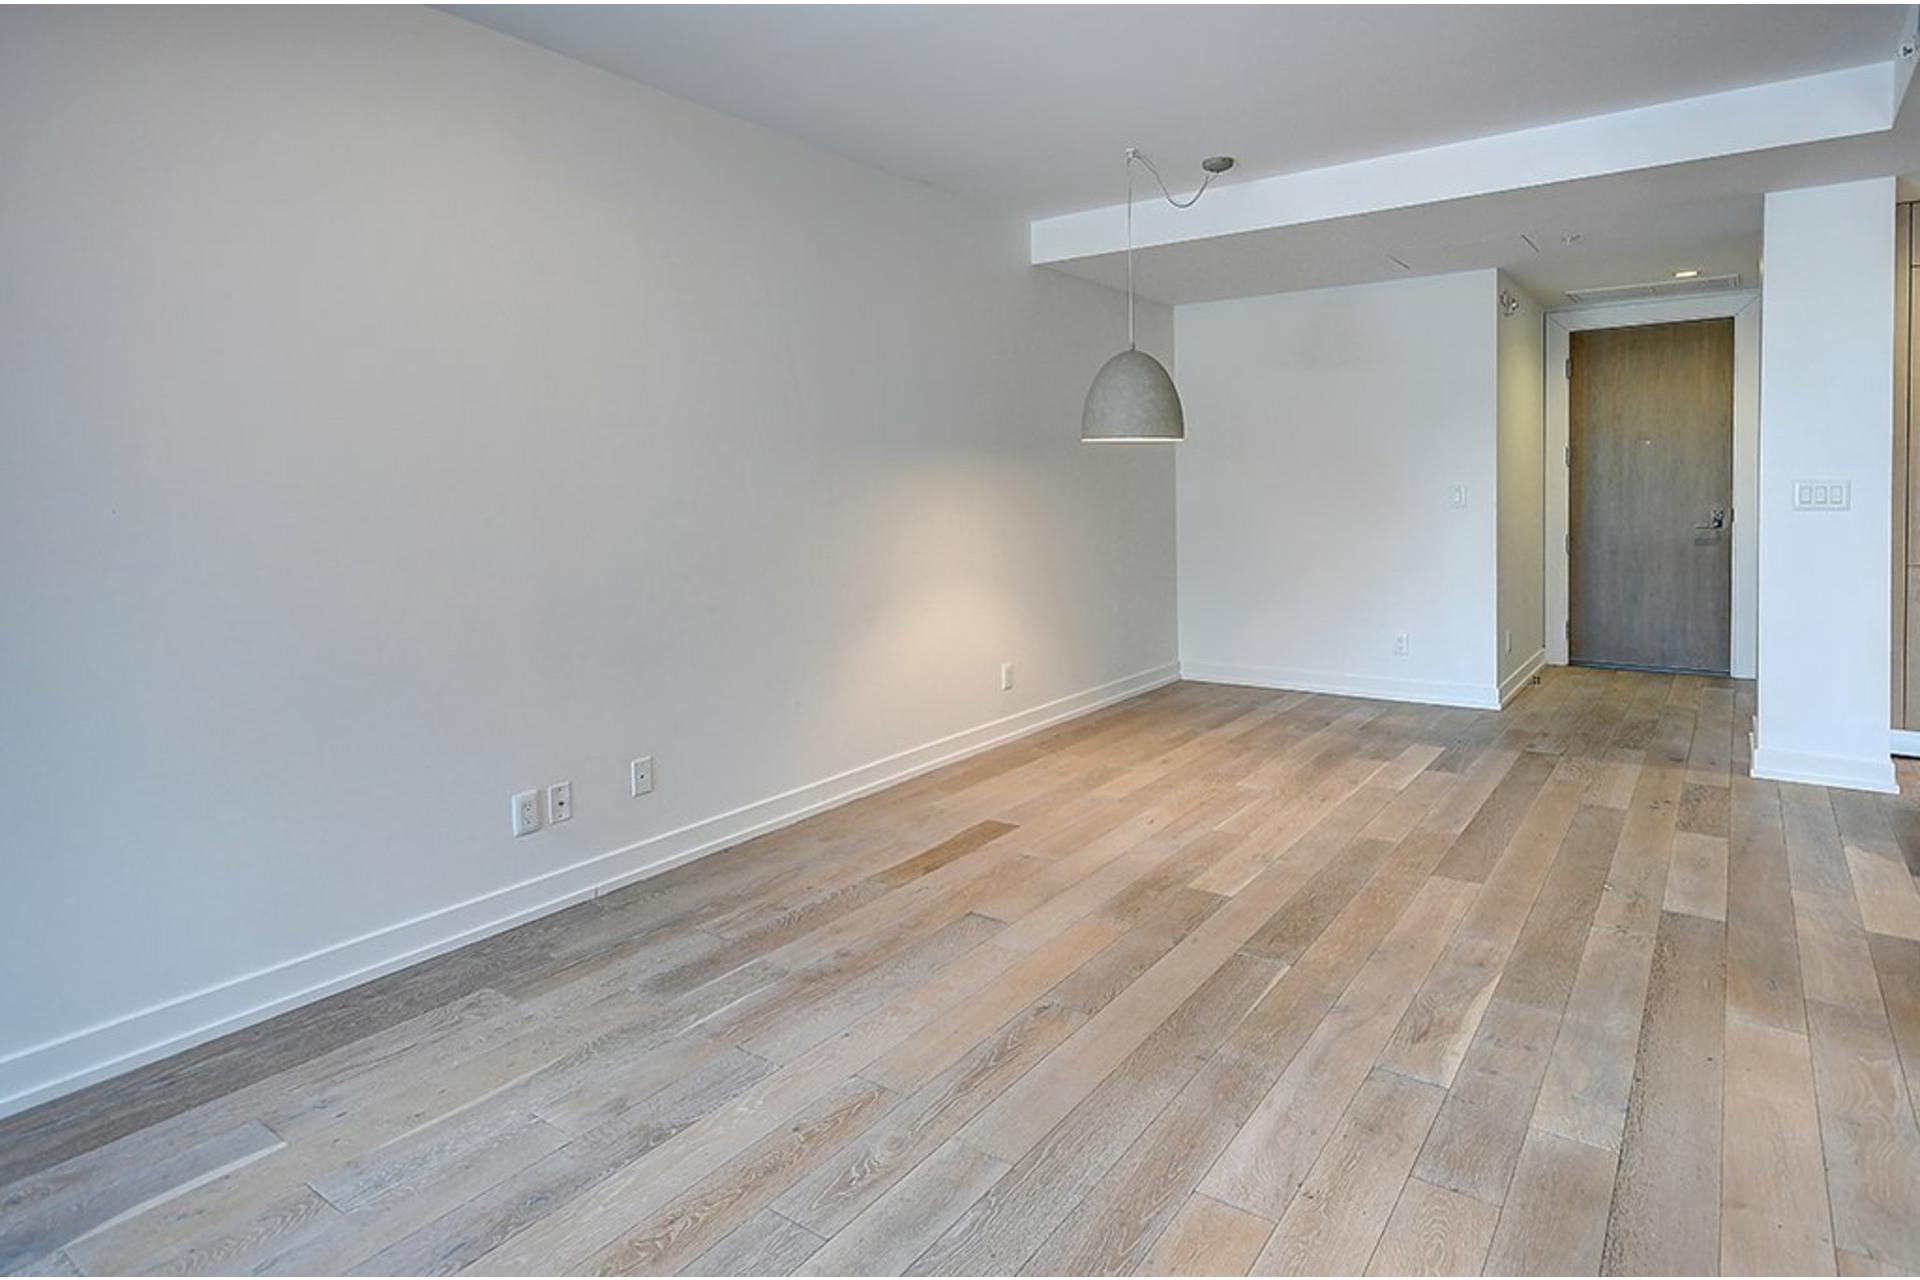 image 15 - Appartement À vendre Le Sud-Ouest Montréal  - 4 pièces